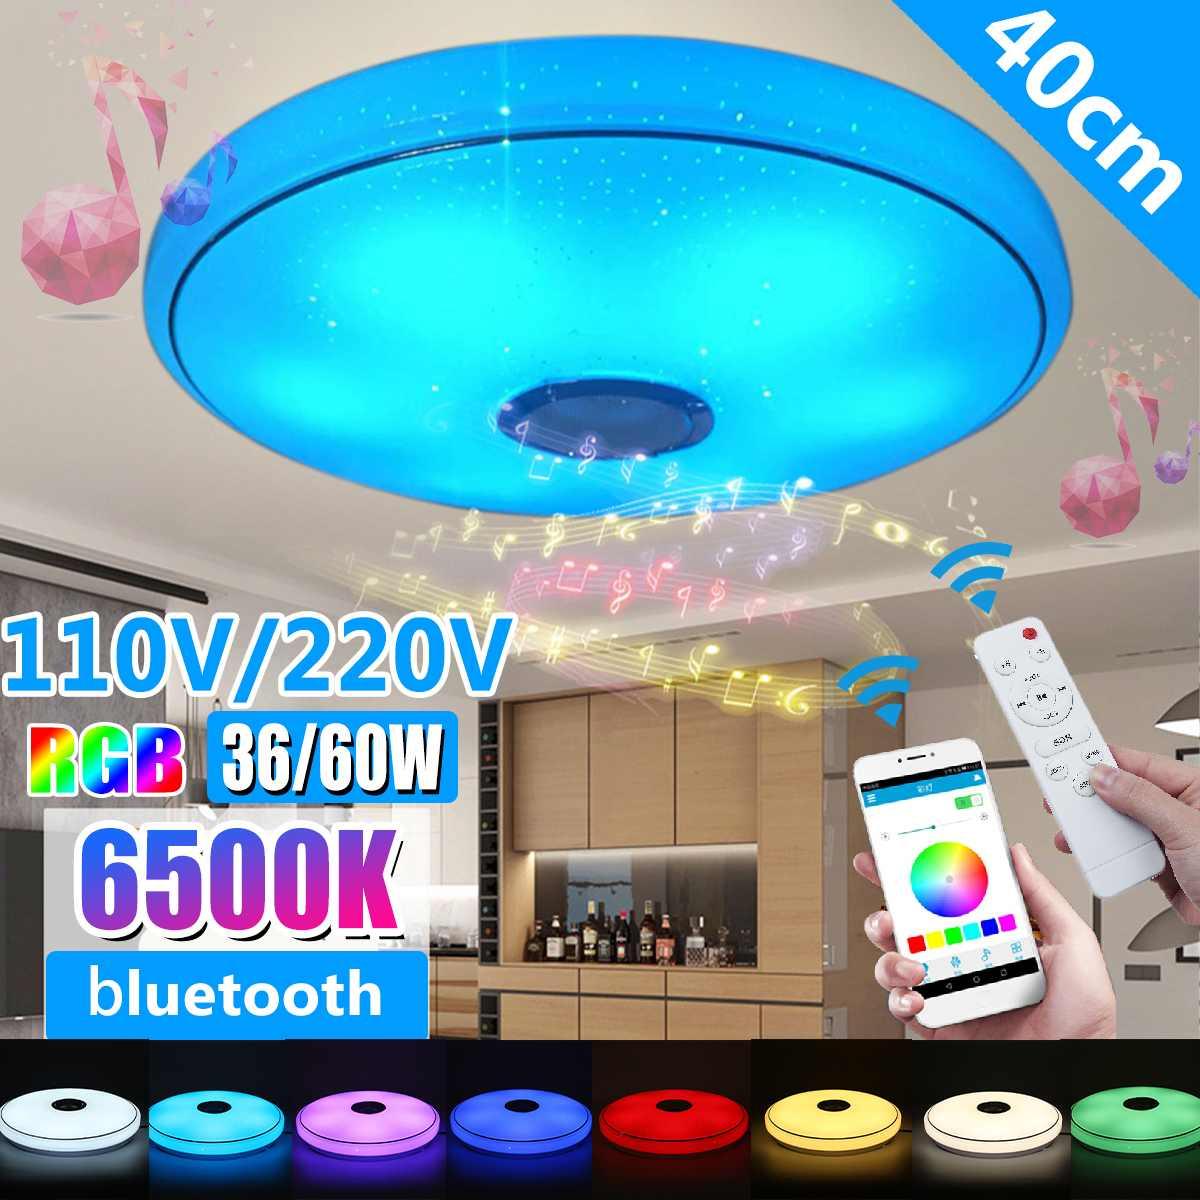 מודרני RGB LED תקרת אורות בית תאורת 36W 60W APP bluetooth מוסיקה אור שינה מנורות חכם תקרת מנורה + שלט רחוק